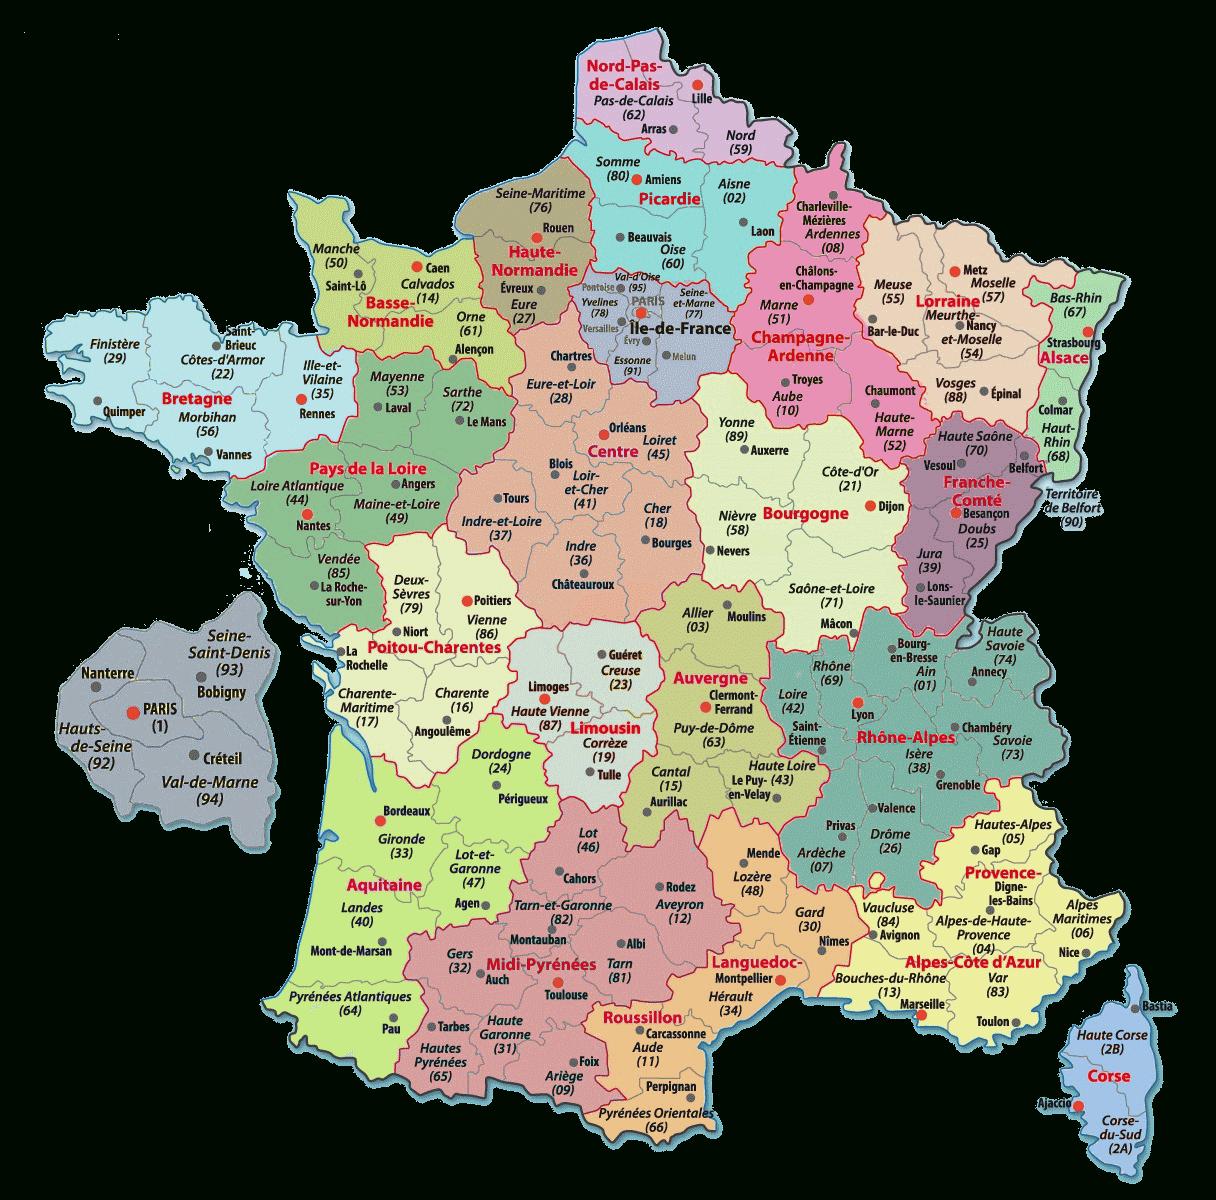 Carte De France Departements : Carte Des Départements De France destiné Les 22 Régions De France Métropolitaine